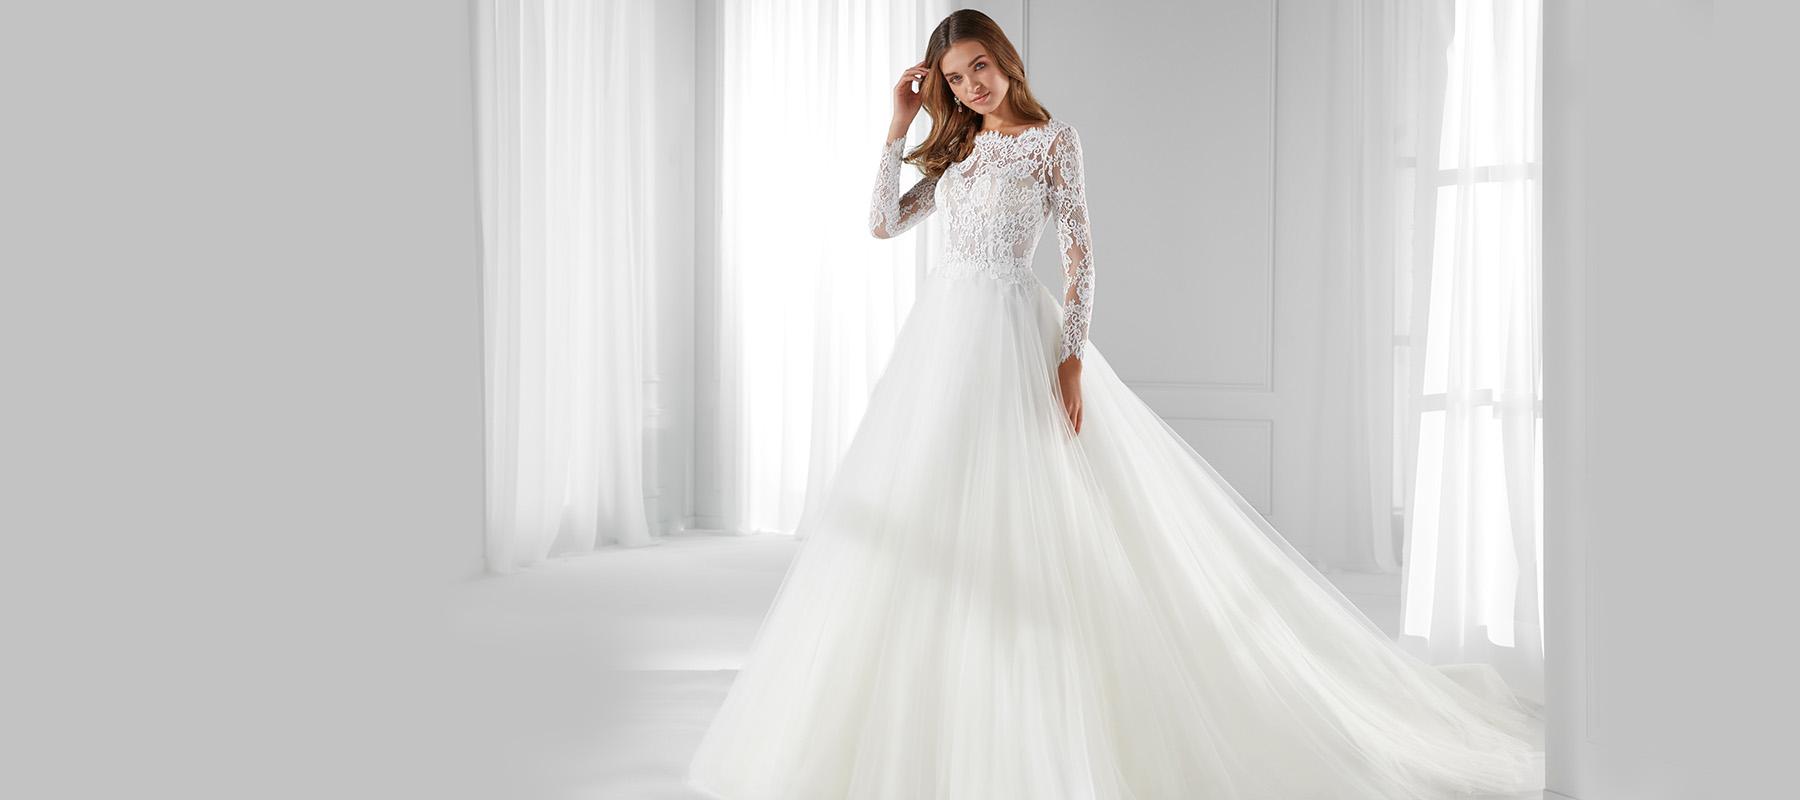 Negozio abiti da sposa - Cristian Spose